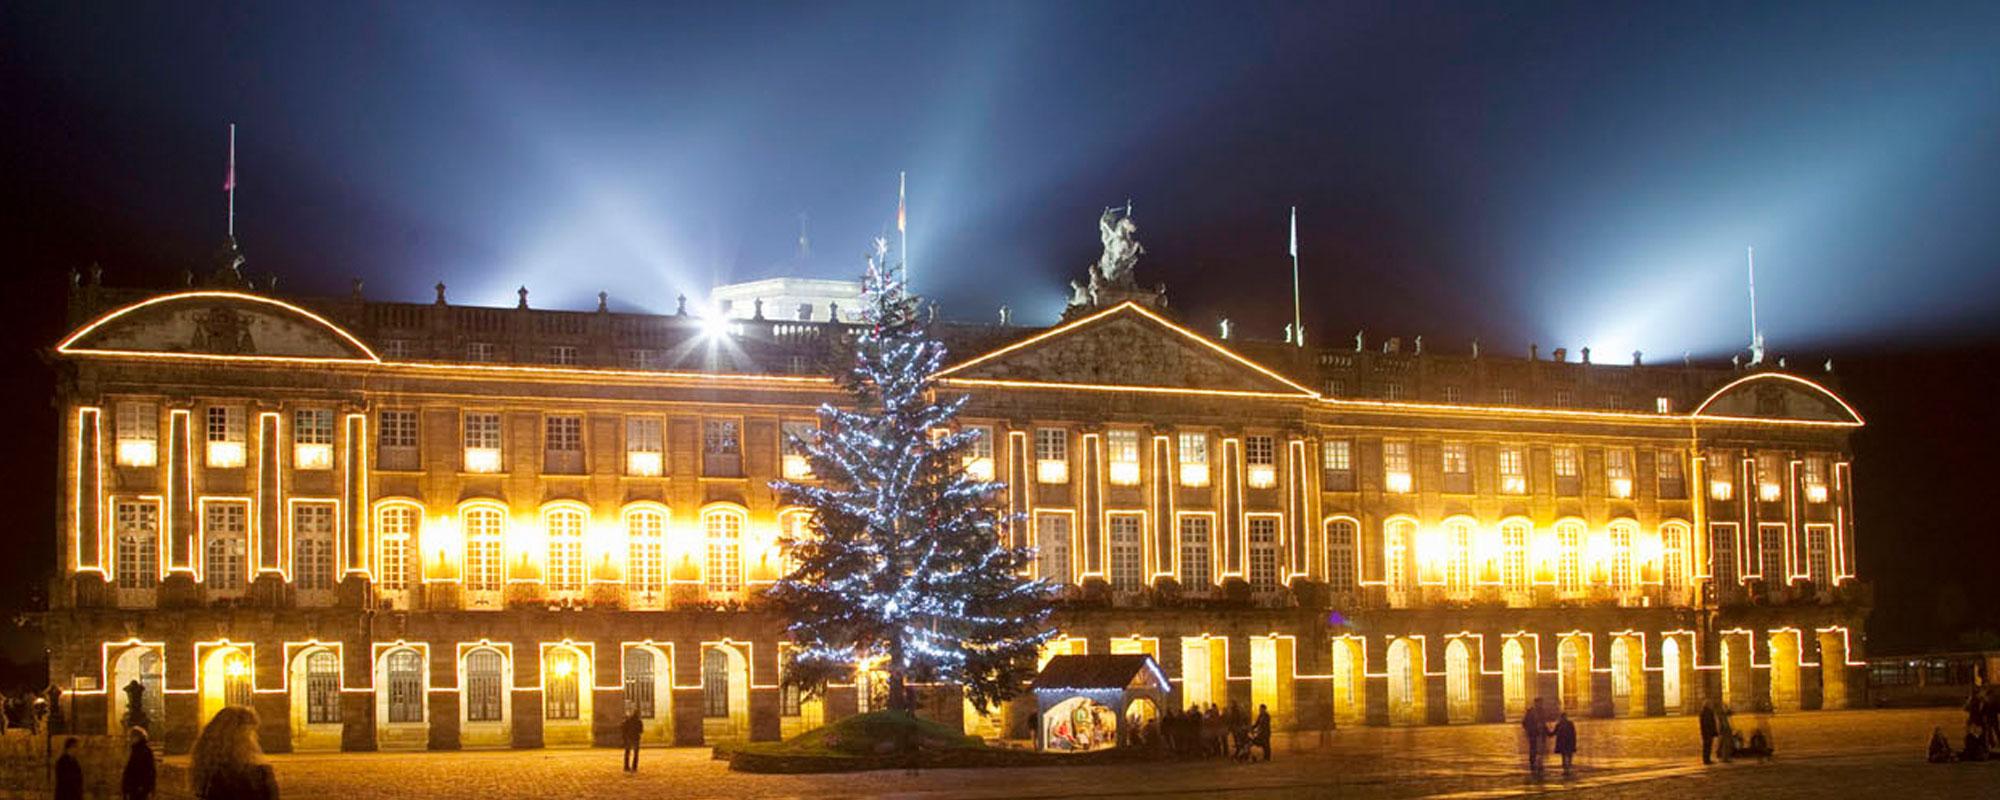 iluminaciones para navidad